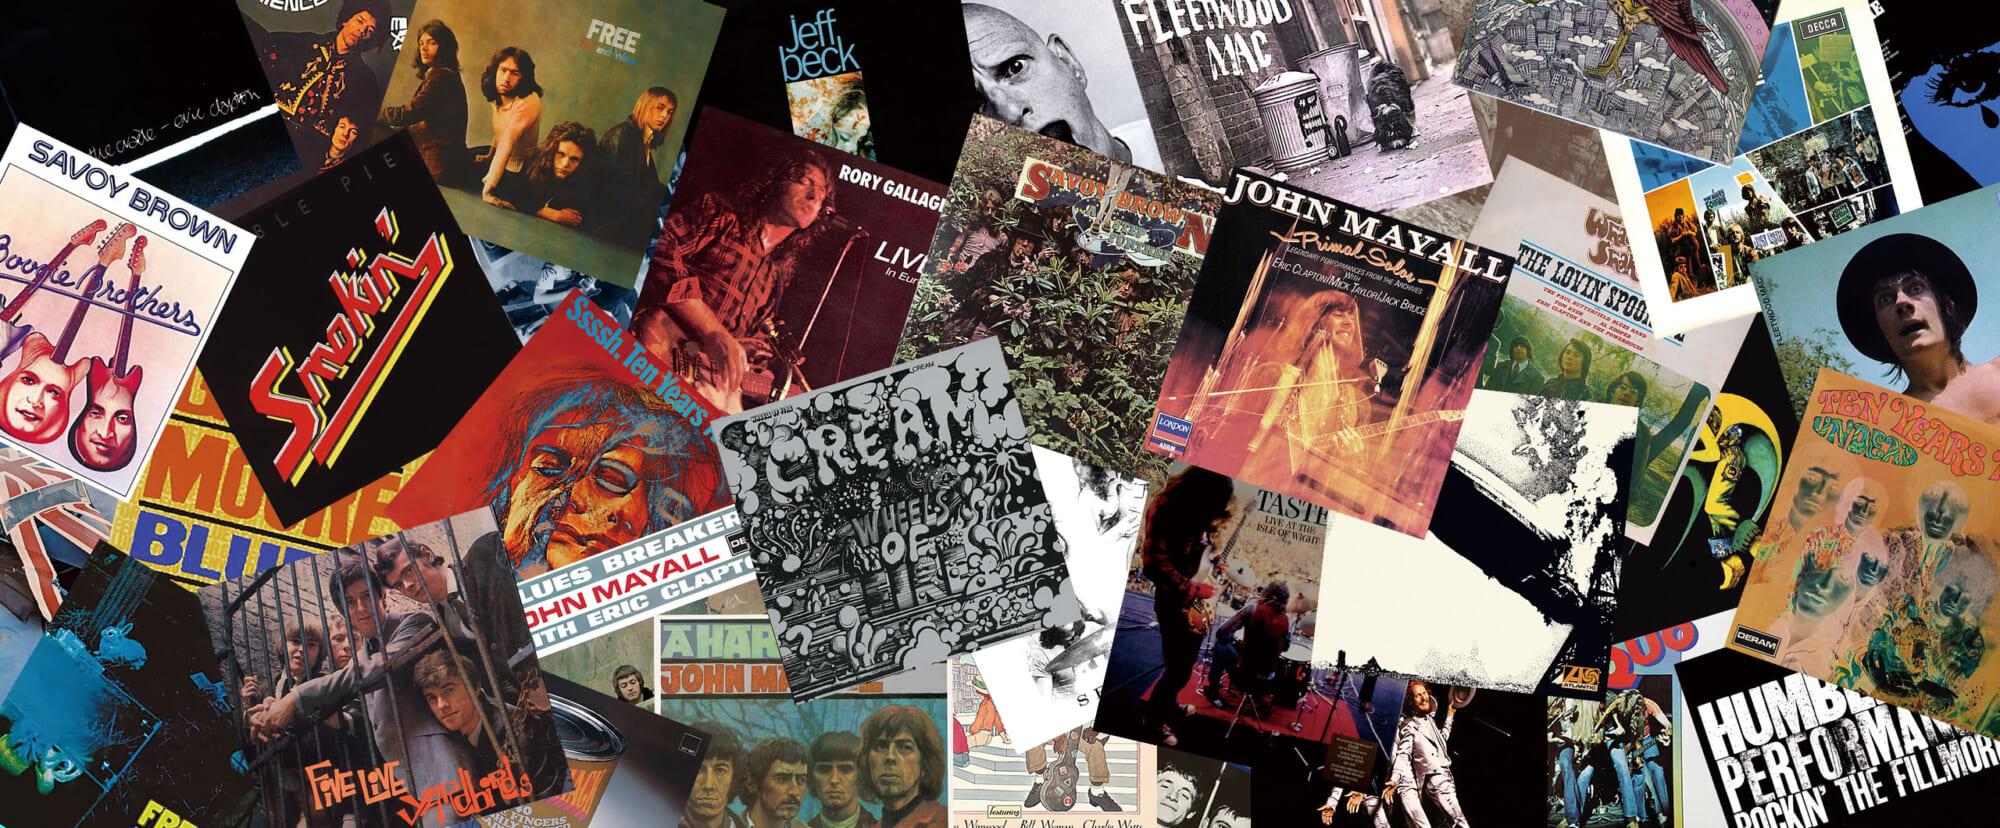 ギタリストなら絶対に聴くべきブリティッシュ・ブルース・ロックの名盤40枚(1/4)